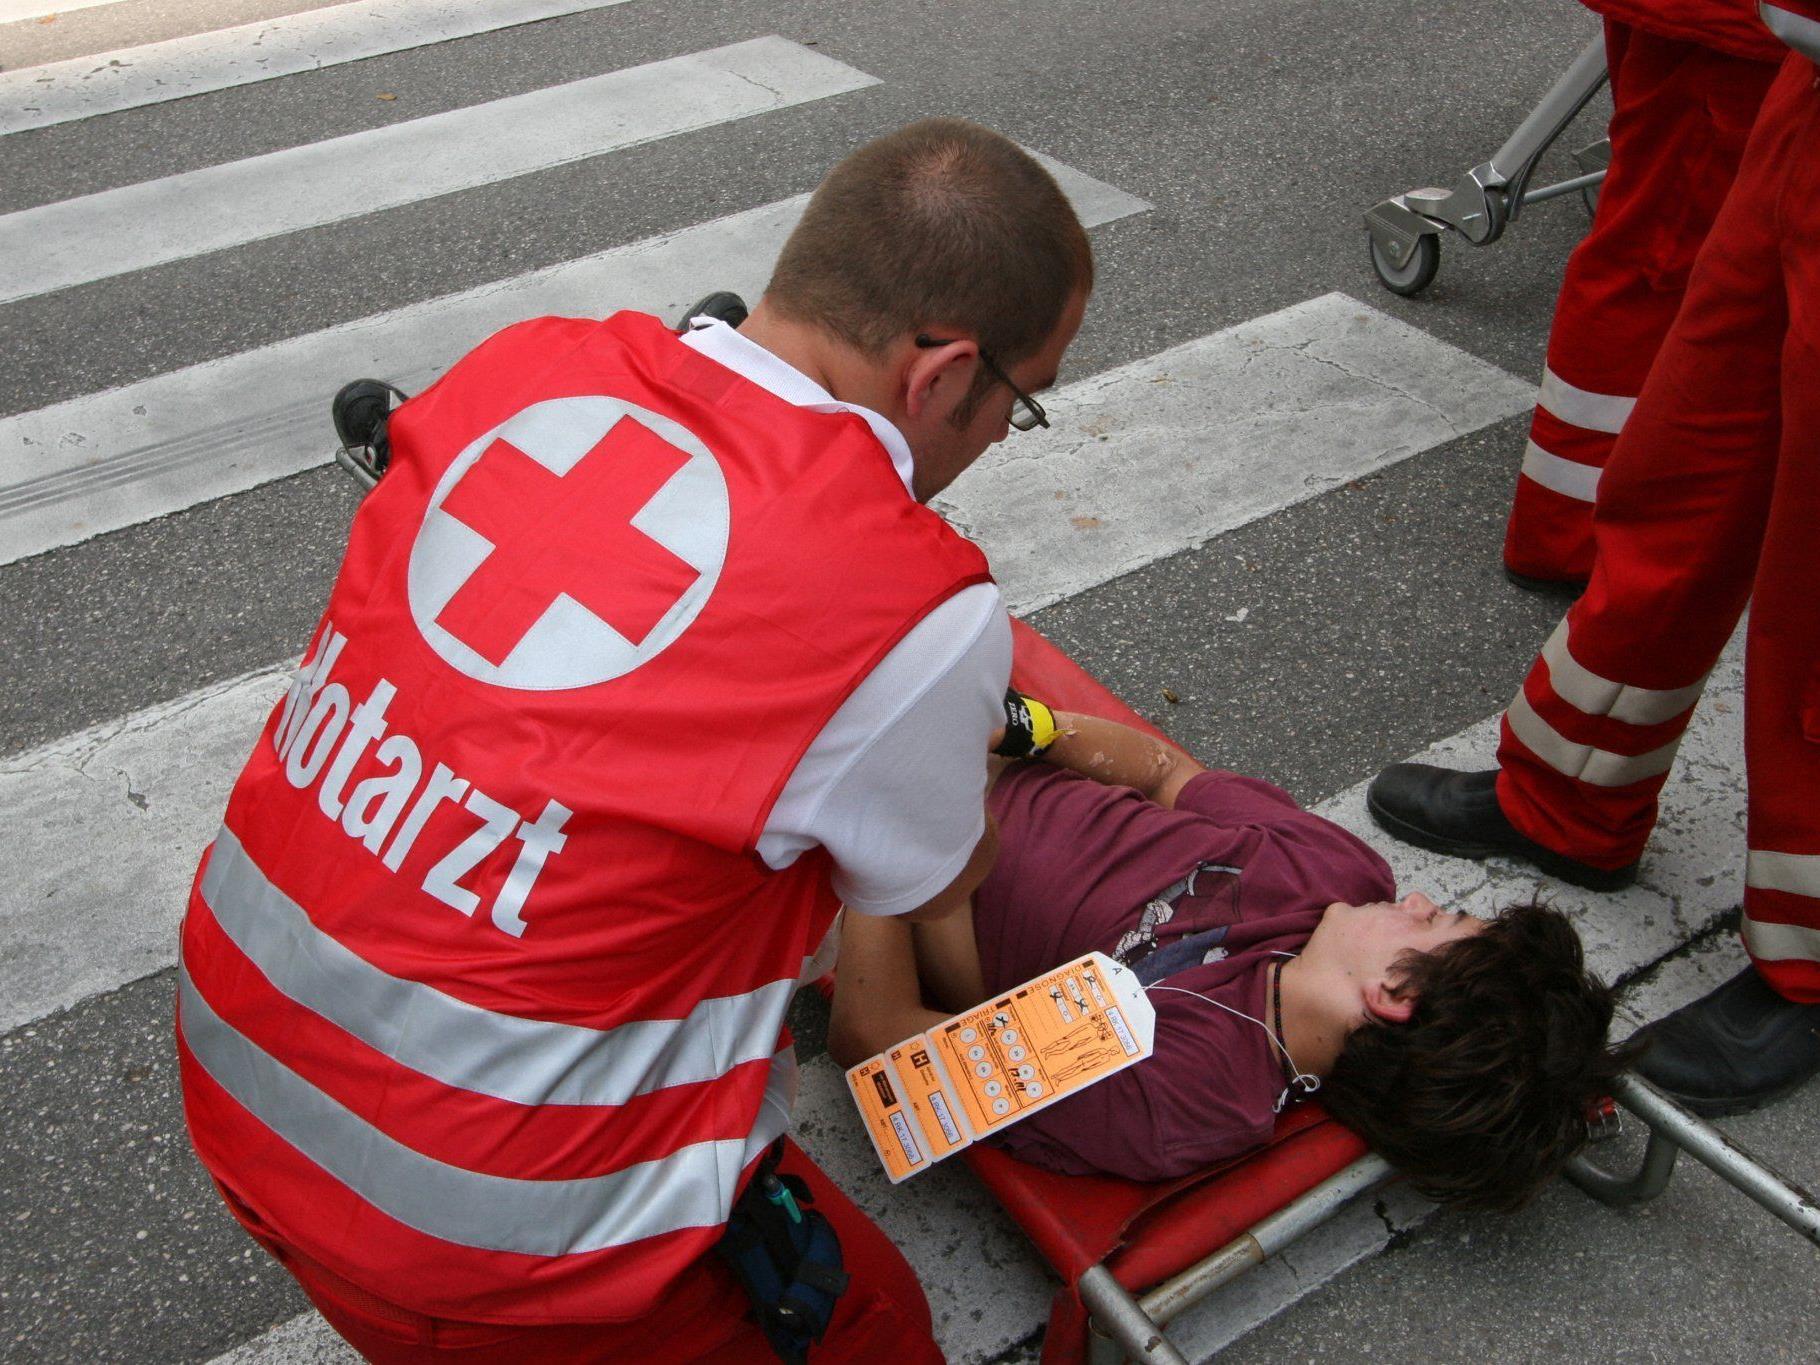 Lebensgefahr bestand nach einem Arbeitsunfall in der Donaustadt